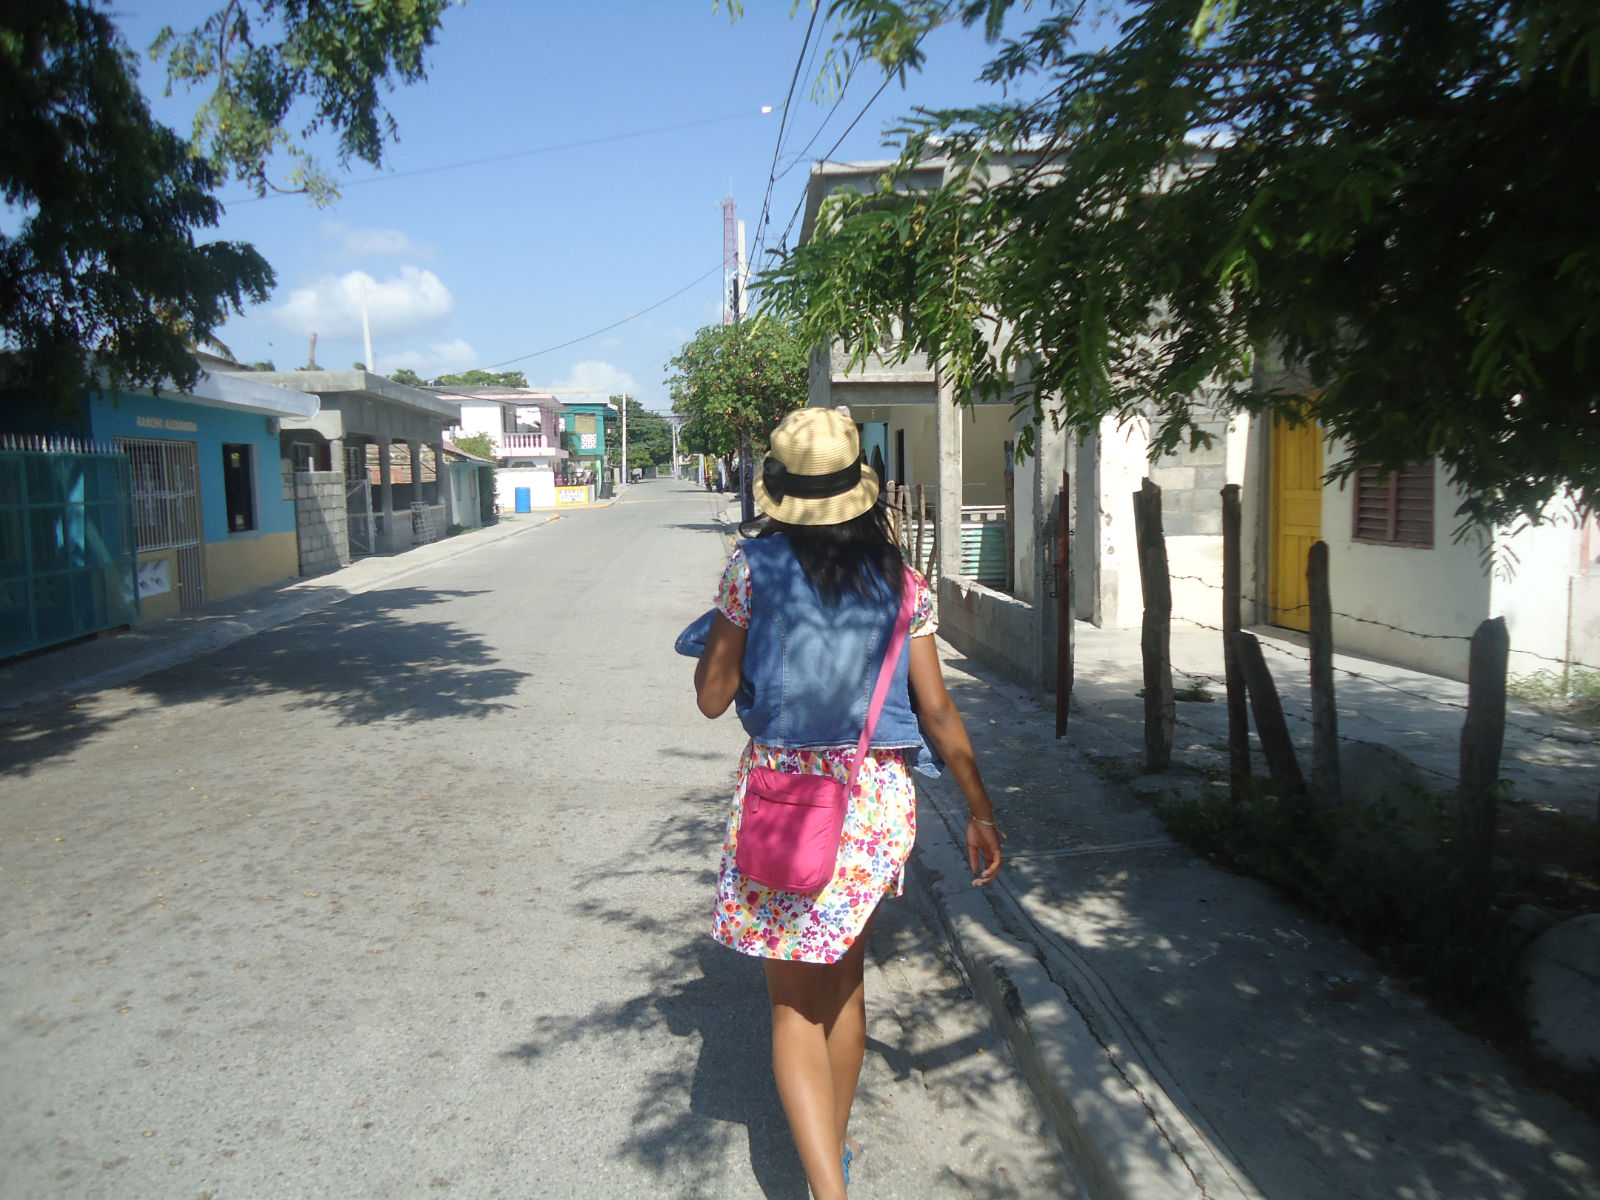 The Palmar De Ocoa Village